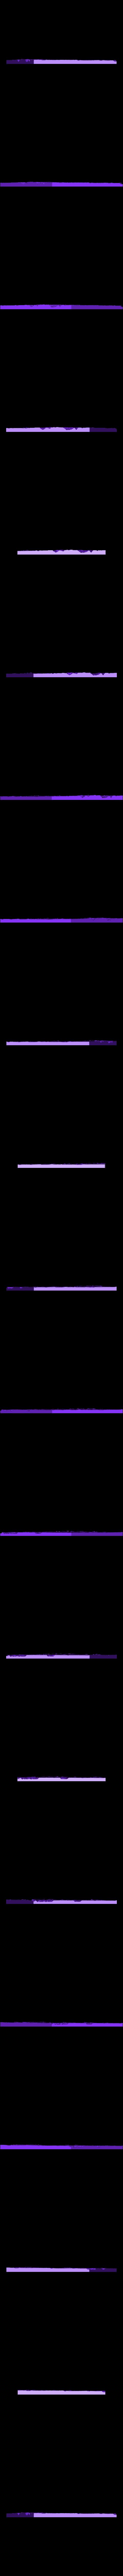 VMarineris3.stl Download free STL file Valles Marineris • 3D print design, spac3D